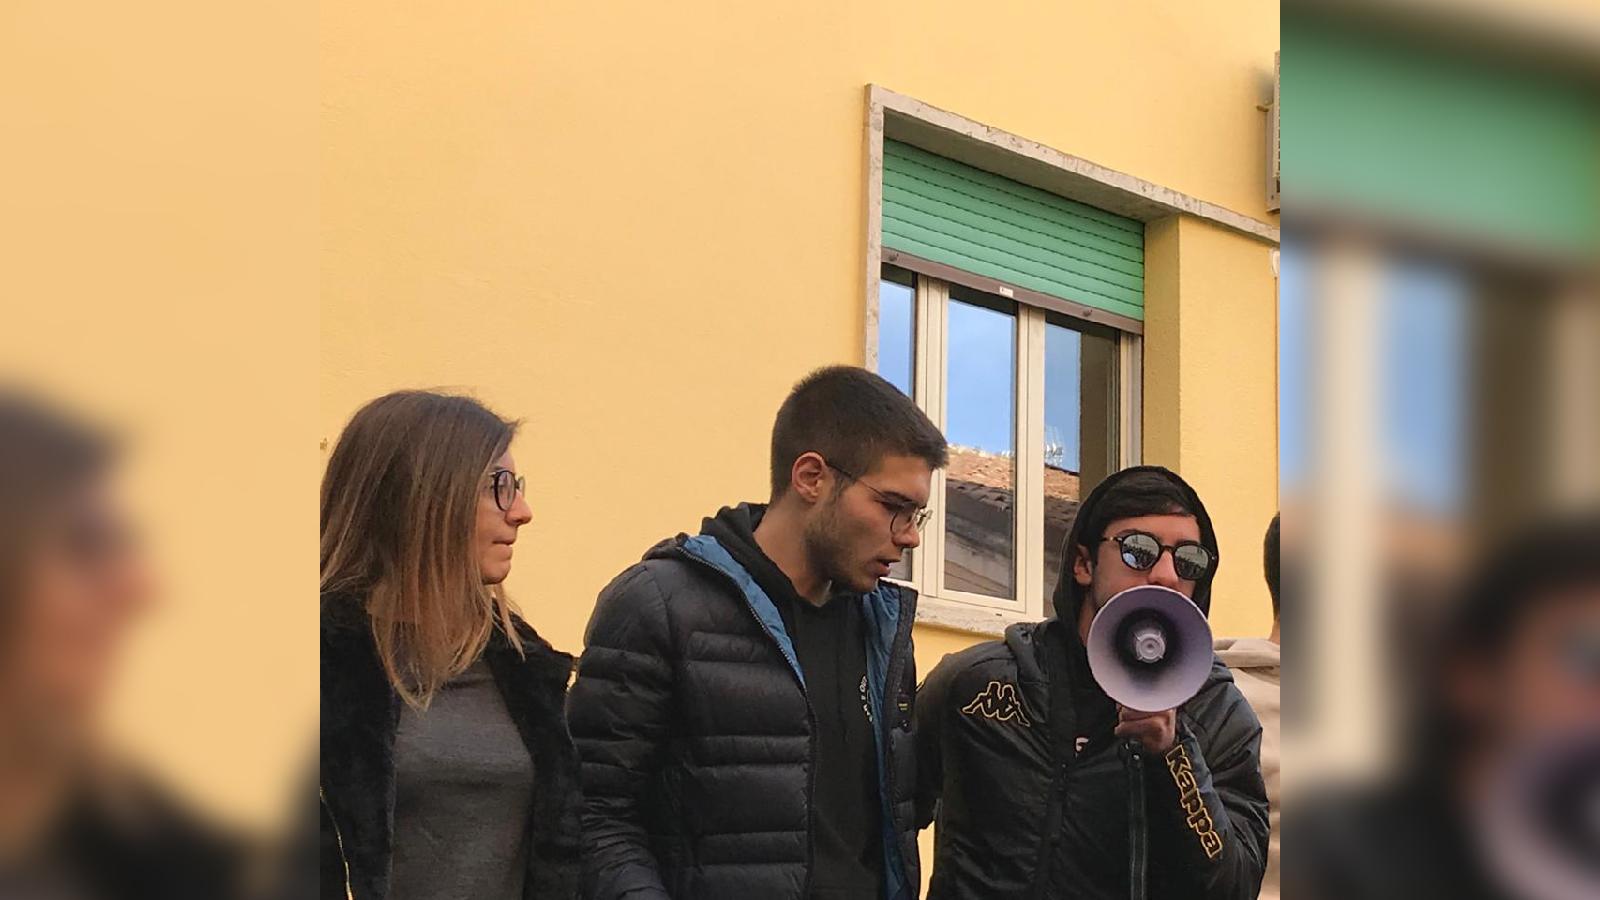 Cornicioni pericolanti, eternit, fumo dall'impianto elettricoManifestazione di protesta degli studenti a Catanzaro